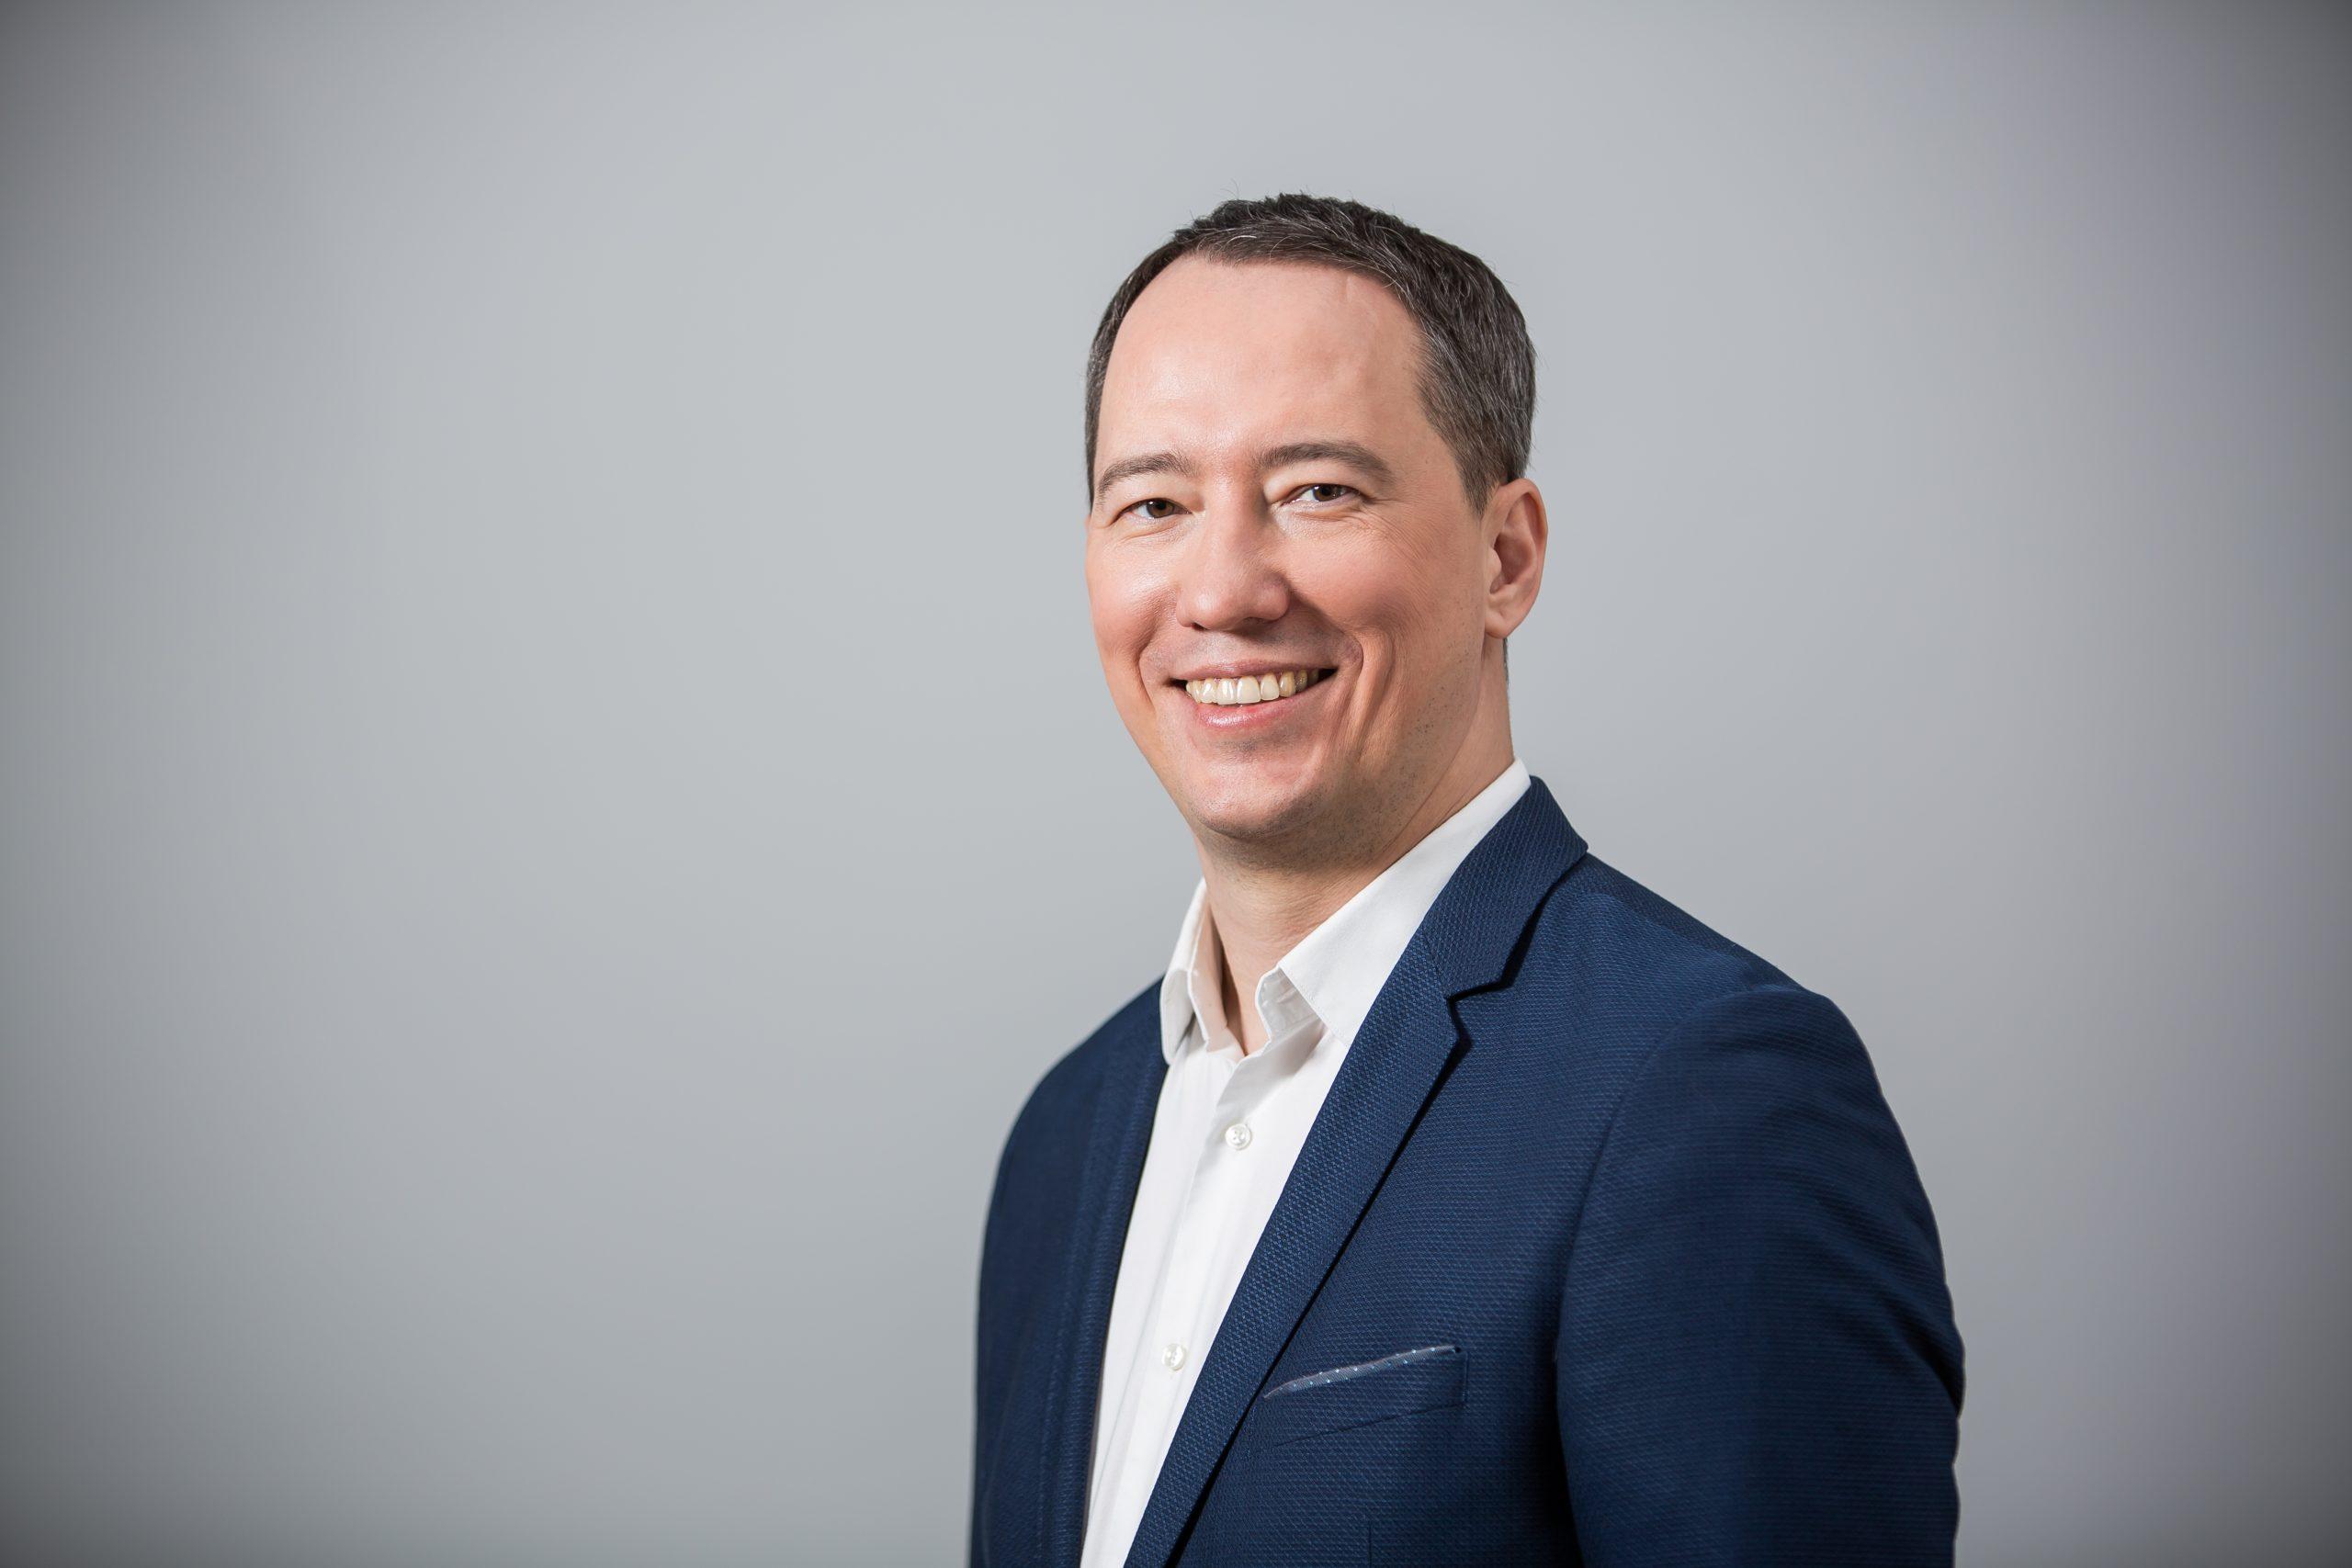 Сергей Быков назначен вице-президентом по операторскому бизнесу Билайн 1